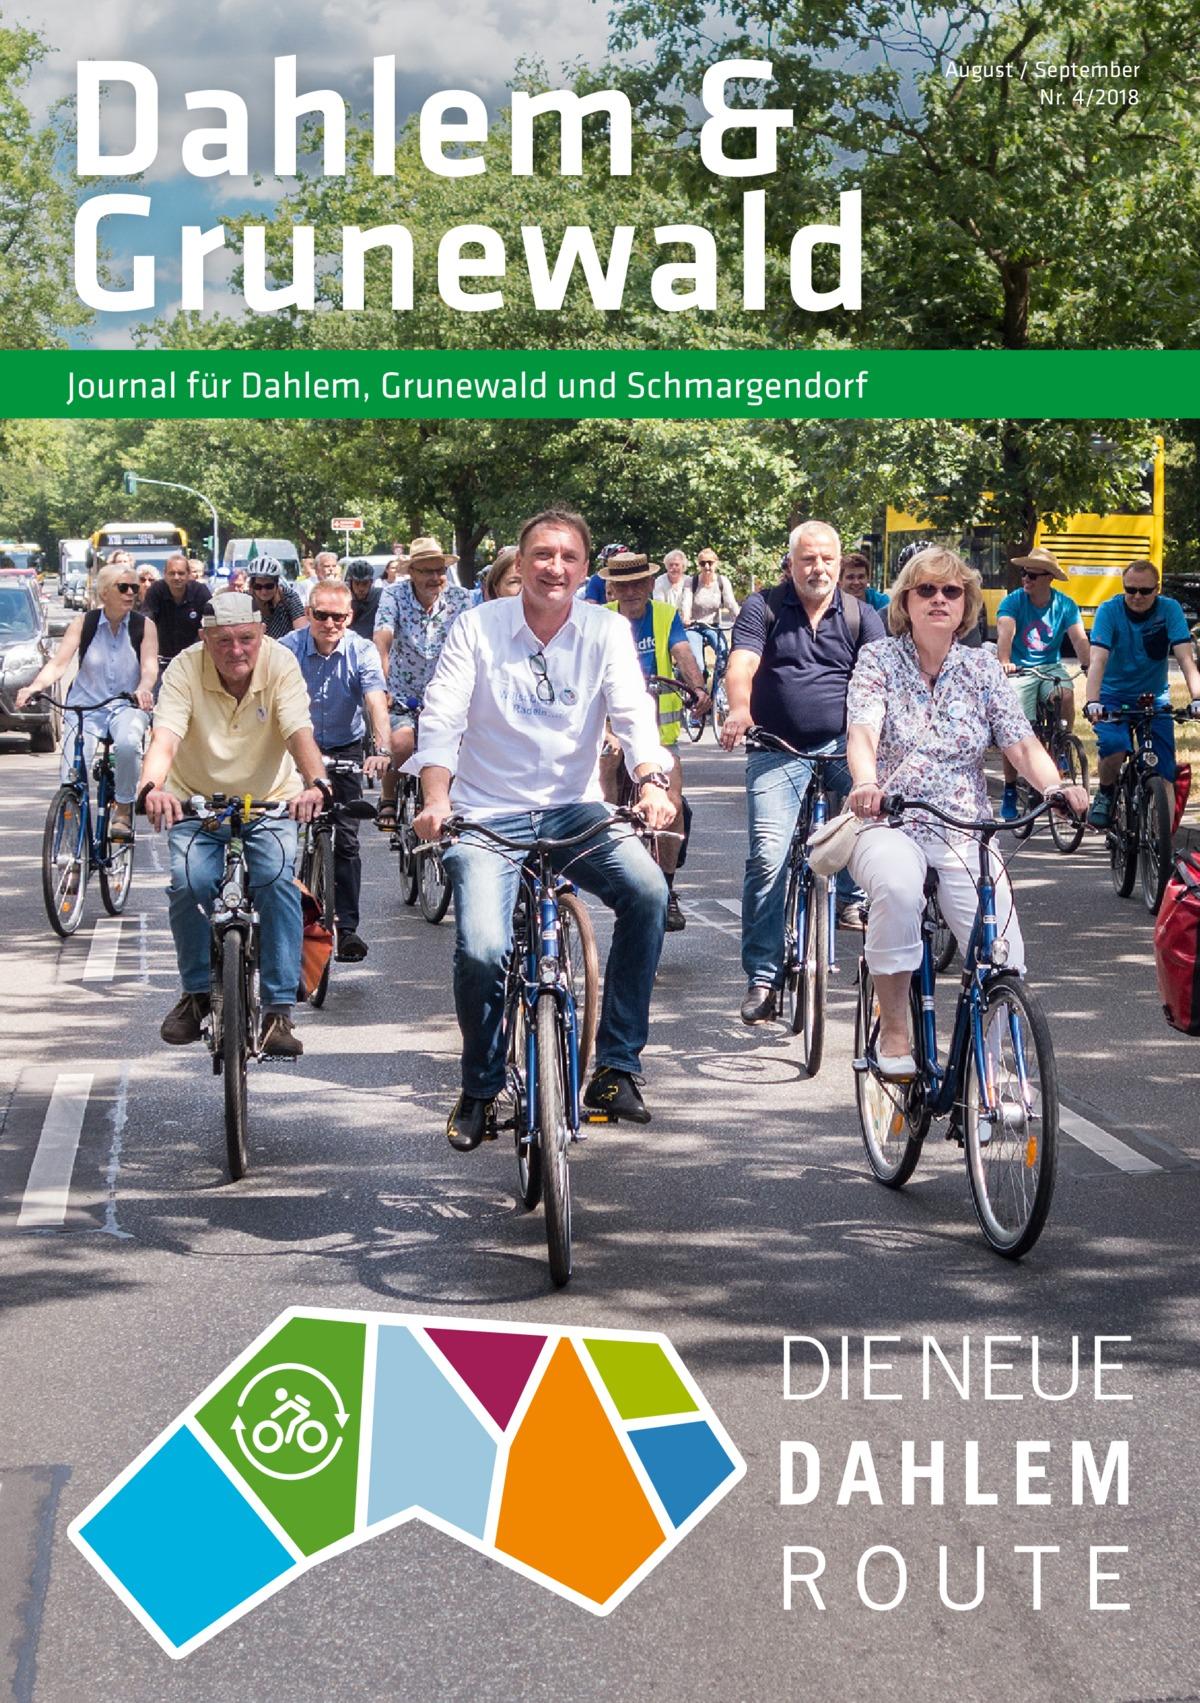 Dahlem & Grunewald  August / September Nr. 4/2018  Journal für Dahlem, Grunewald und Schmargendorf  DIE NEUE DAHLEM ROUTE